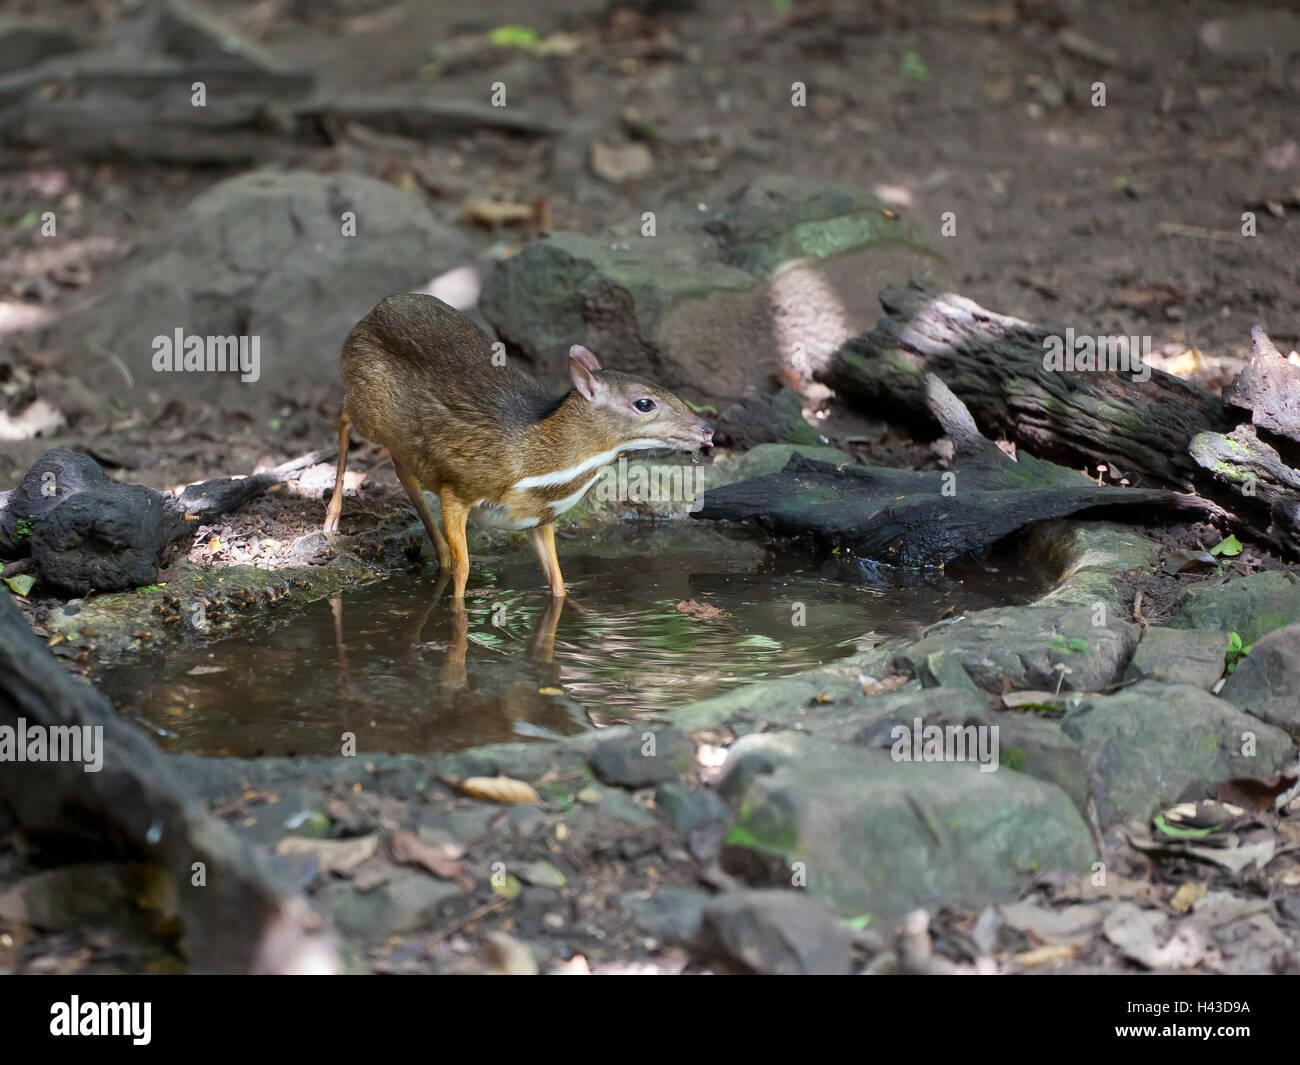 Souris-cerf ou moindre (Tragulus kanchil kanchil) à l'eau, le parc national de Kaeng Krachan, Phetchaburi, Thailand Banque D'Images